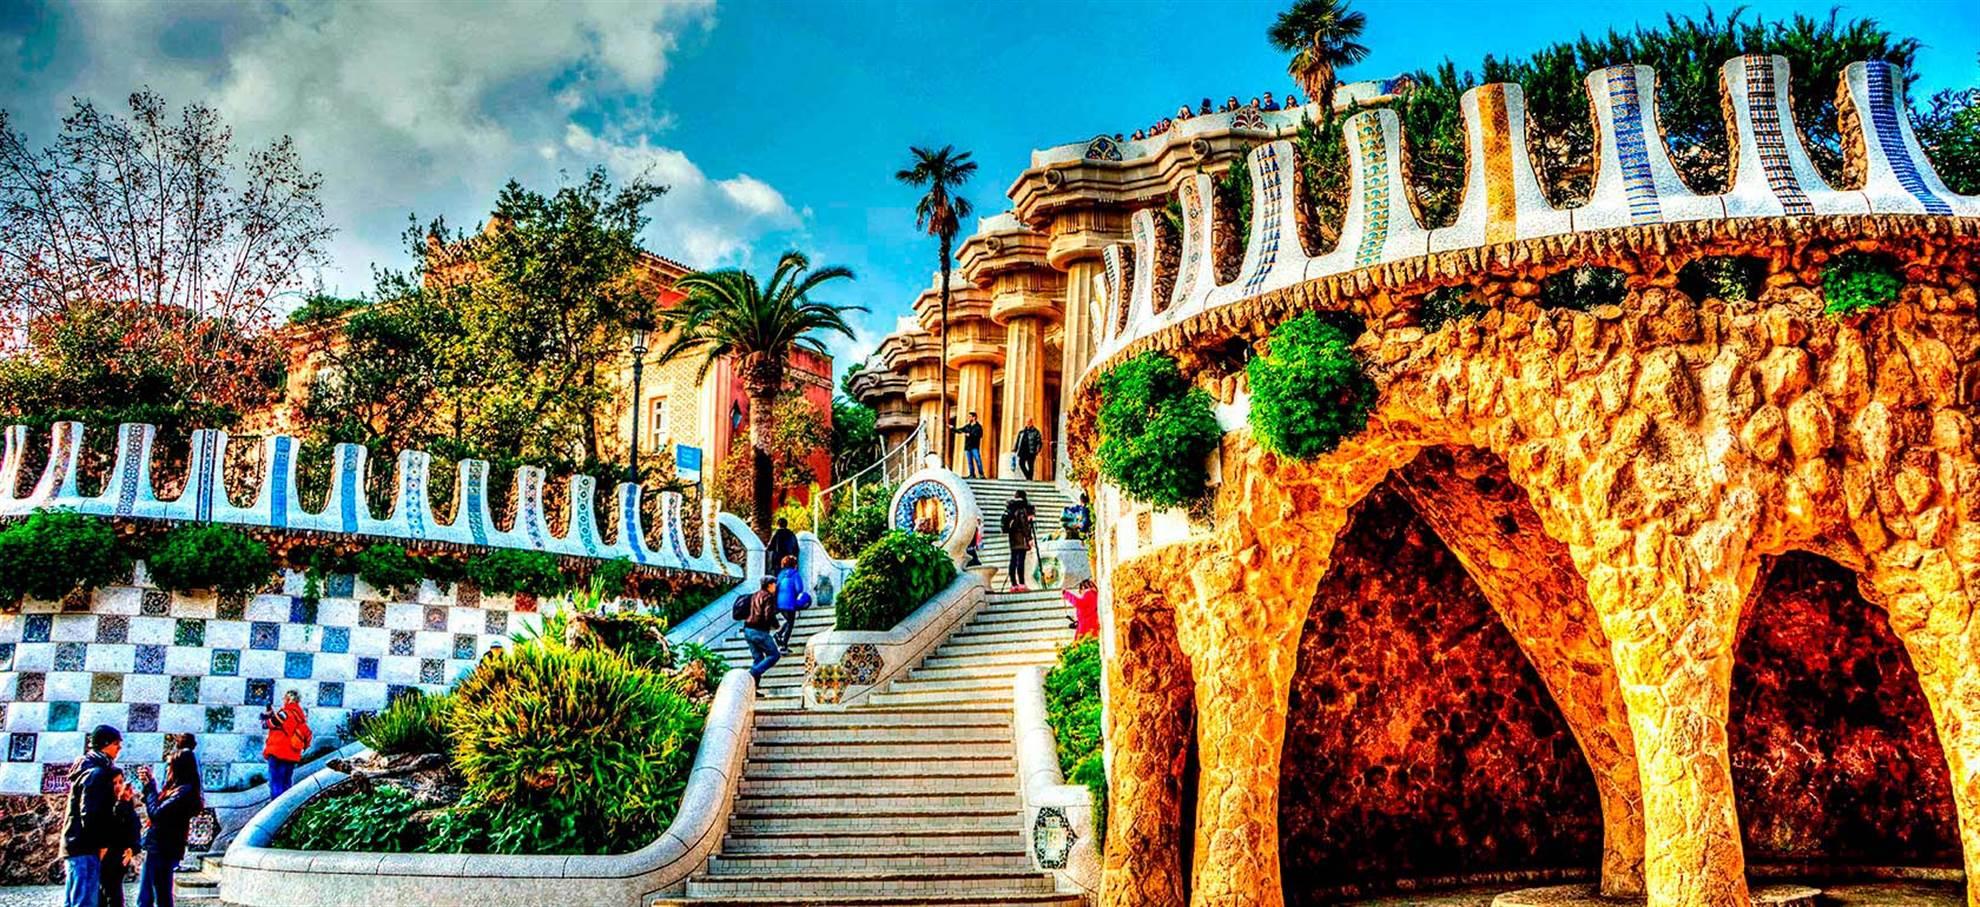 Biglietto Parco Güell e Autobus Turistico di Barcellona